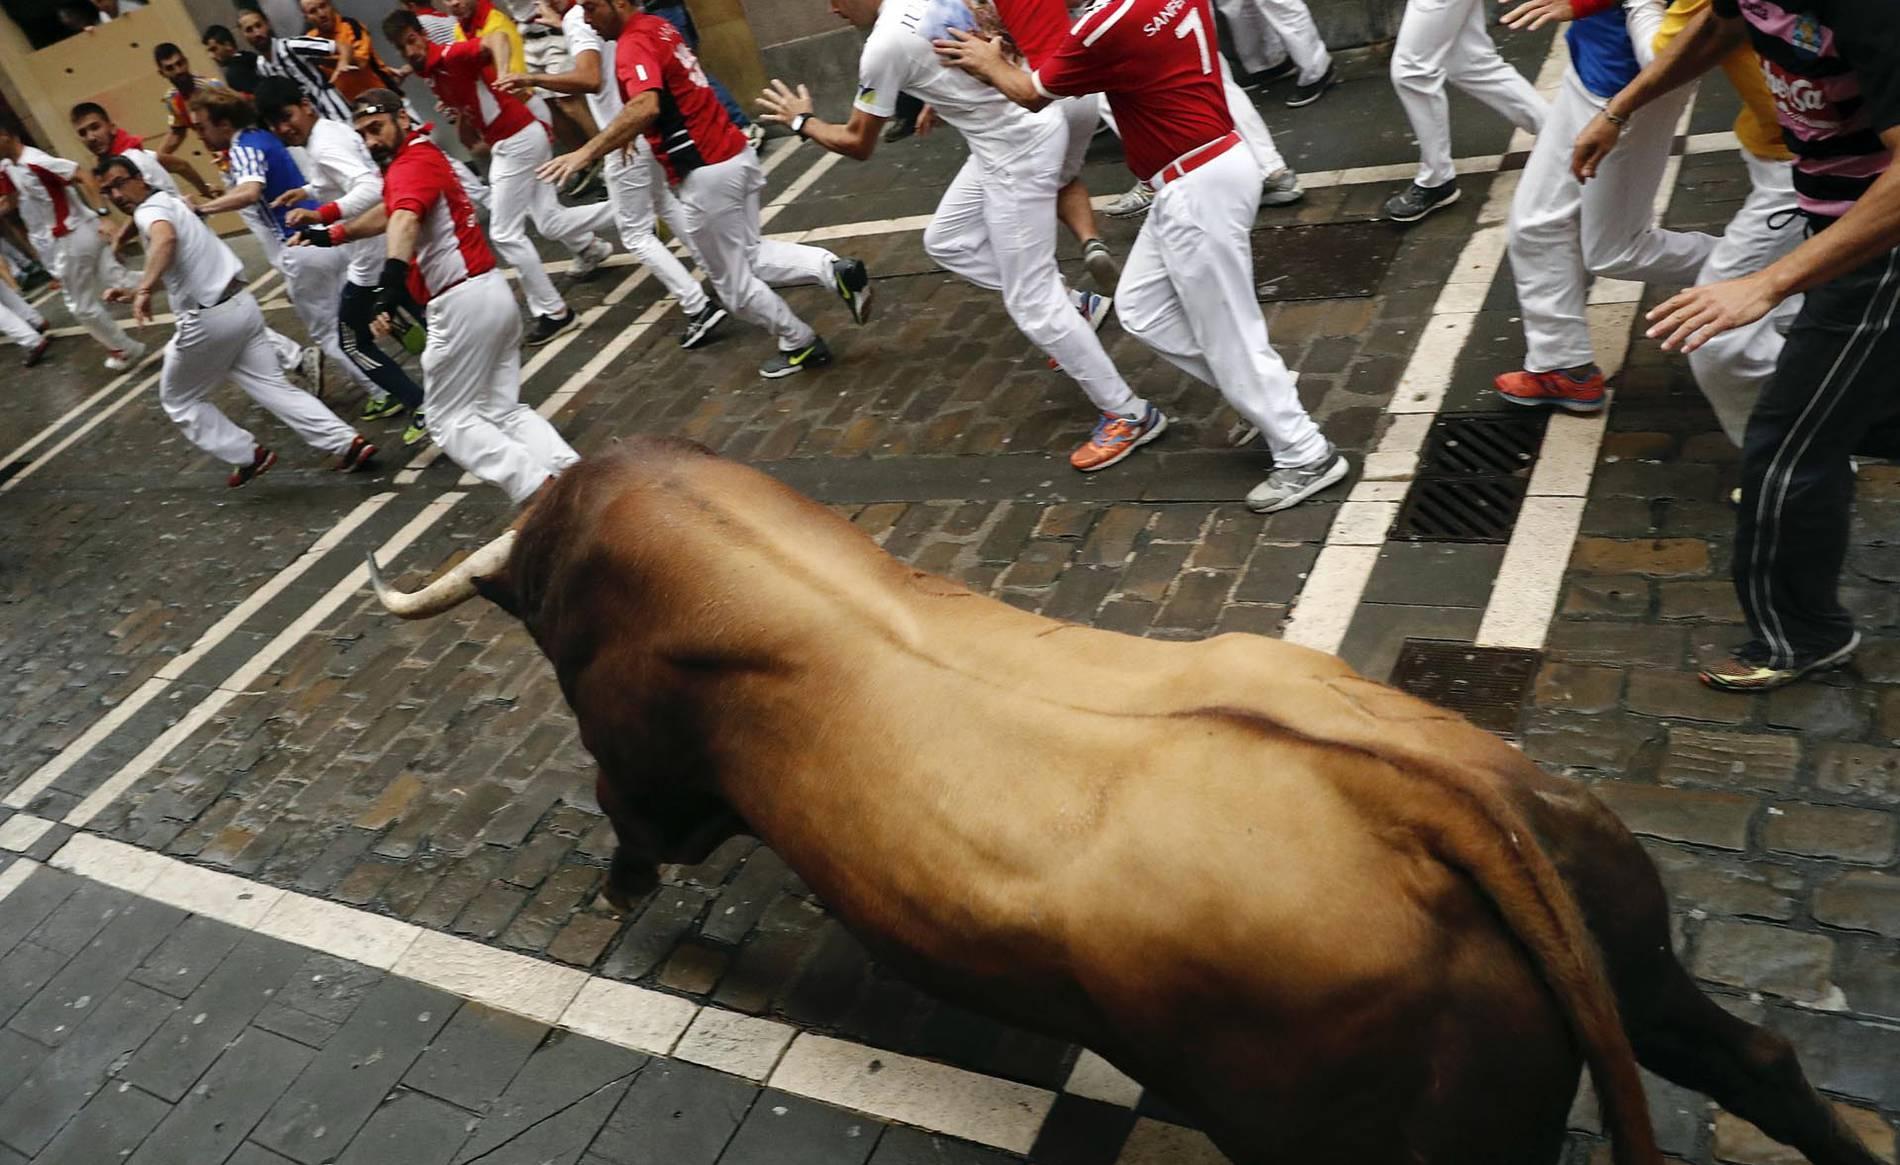 Momentos de tensión por el toro 'Huracán' en el tercer encierro (1/21) - Carrera del 9 de julio de 2017. - San Fermín -